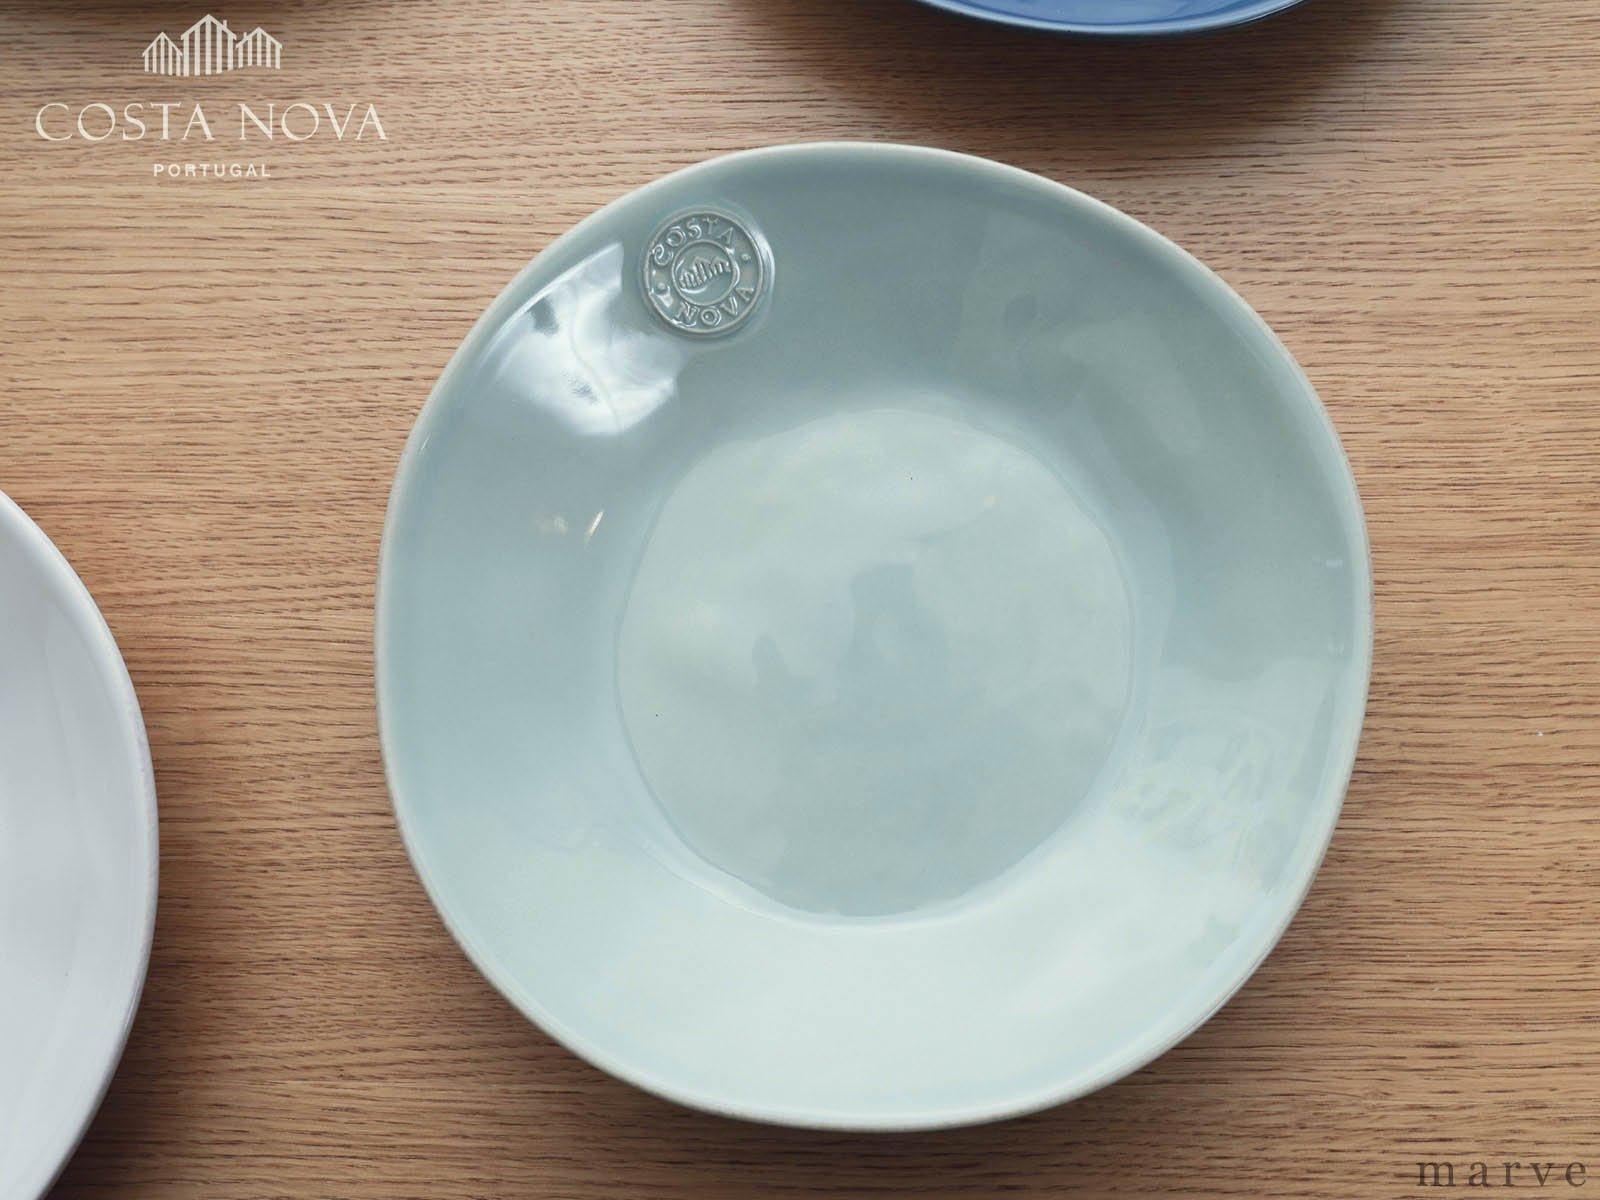 COSTA NOVA(コスタ・ノバ) ノバ スープ&パスタプレート ターコイズ